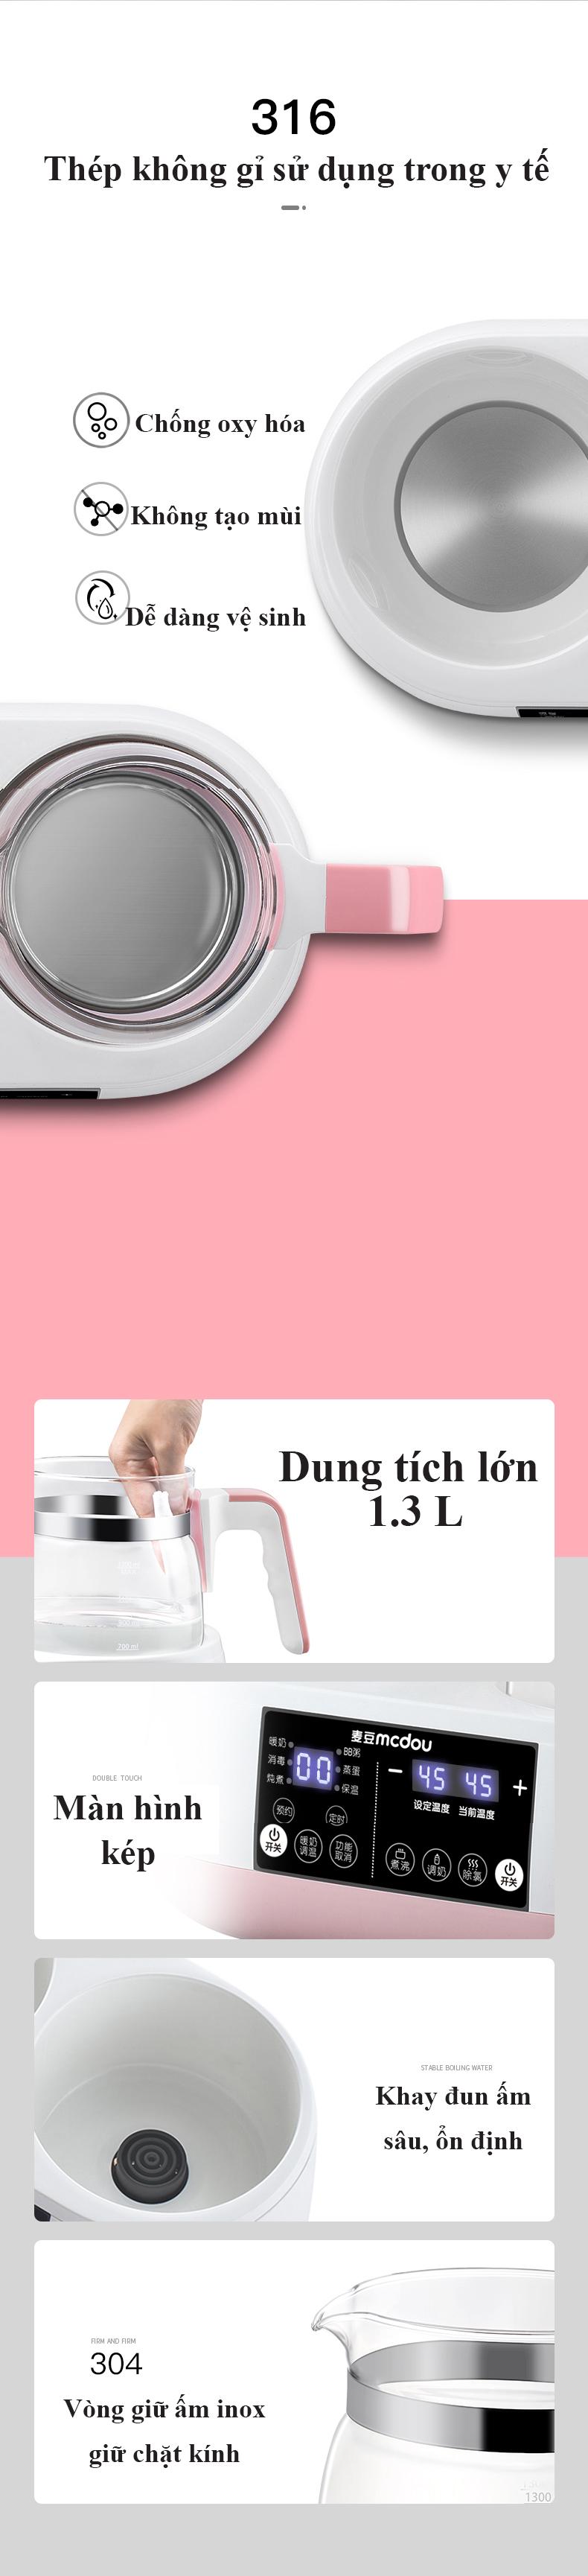 Bình đun nước siêu tốc và giữ ấm nước để pha sữa thế hệ mới kèm nồi hầm cháo đa năng 8in1